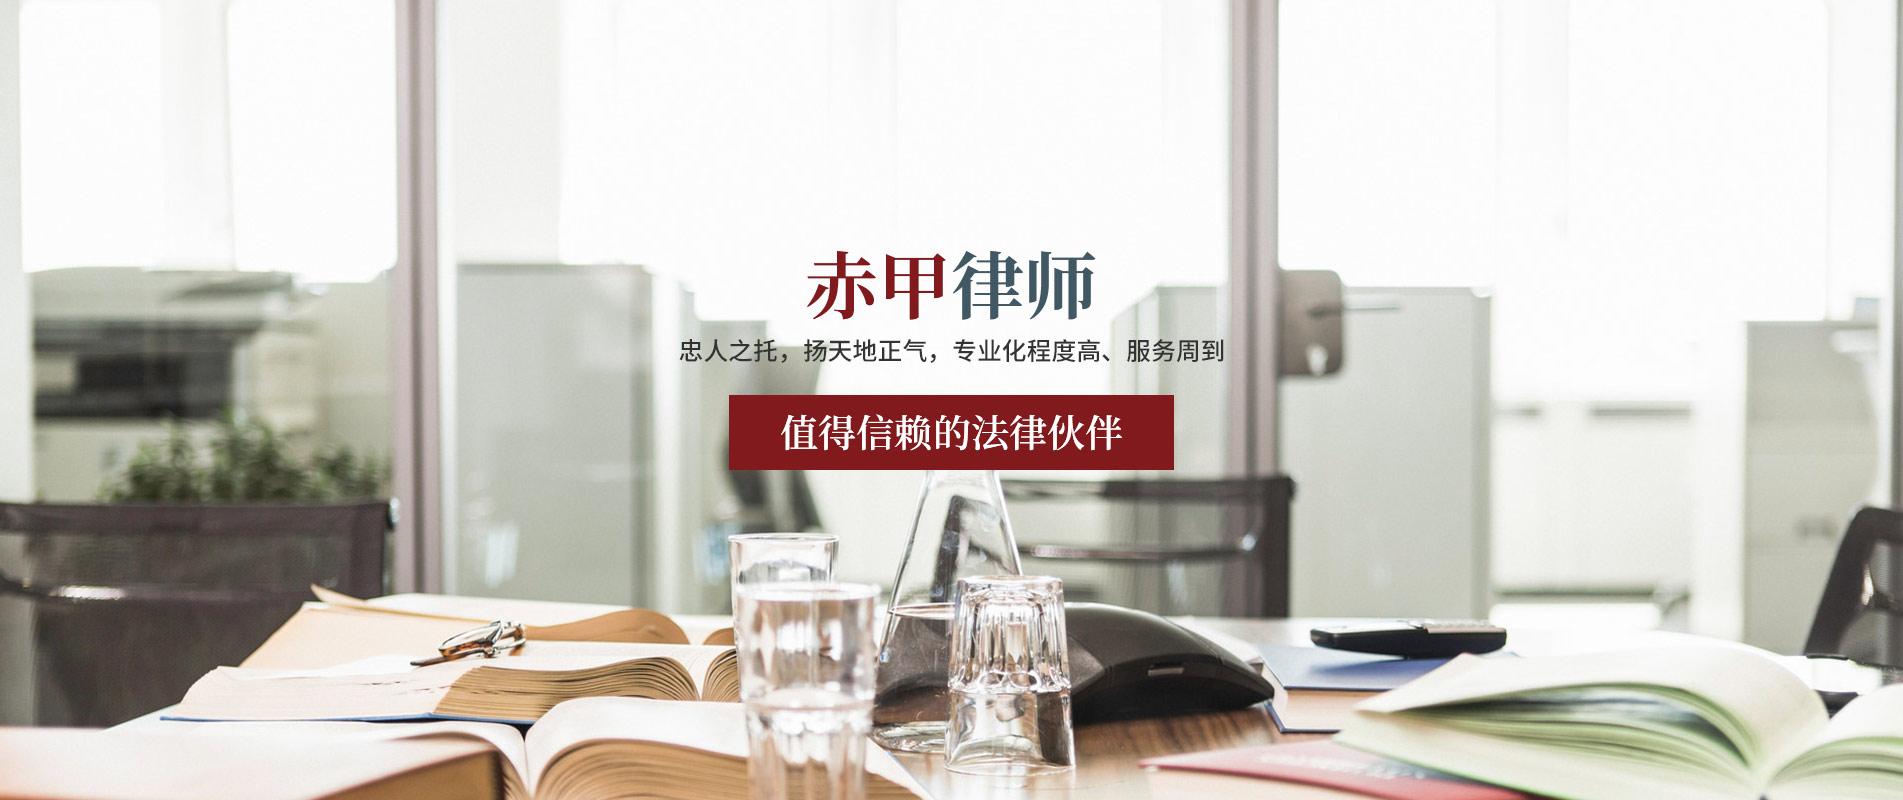 重庆律师顾问